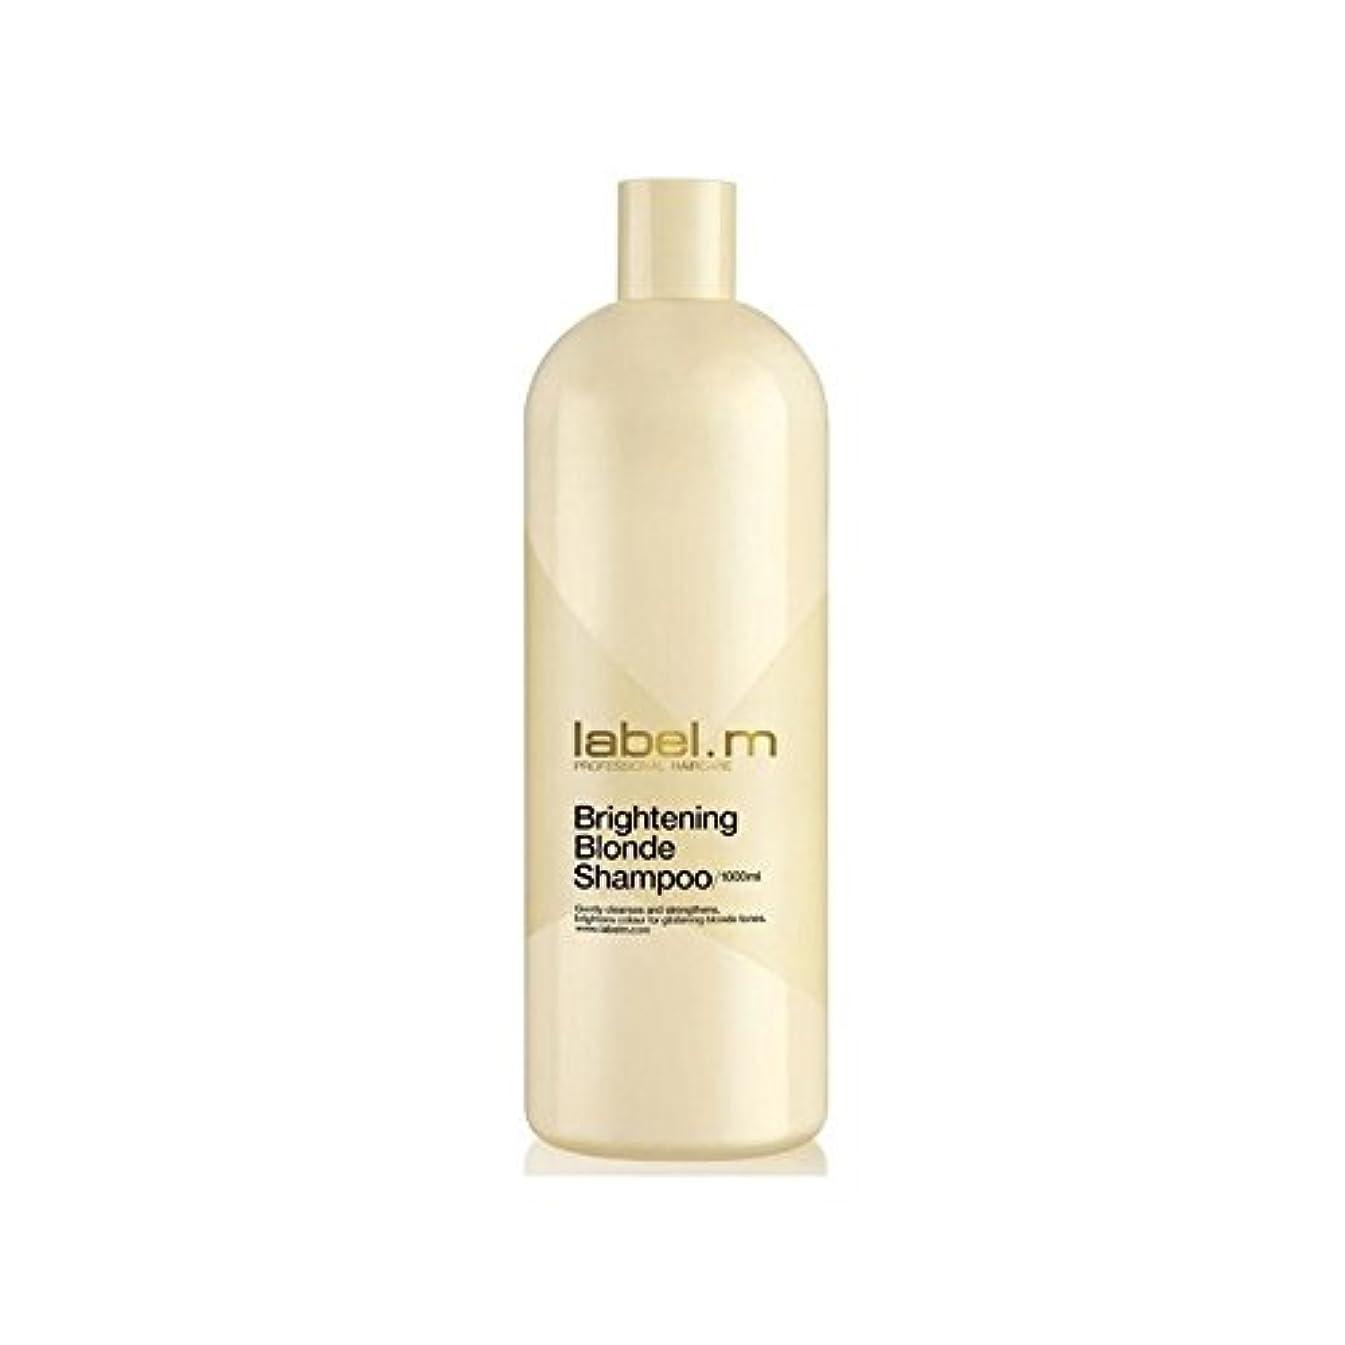 中級書誌外向き.増白ブロンドシャンプー(千ミリリットル) x2 - Label.M Brightening Blonde Shampoo (1000ml) (Pack of 2) [並行輸入品]